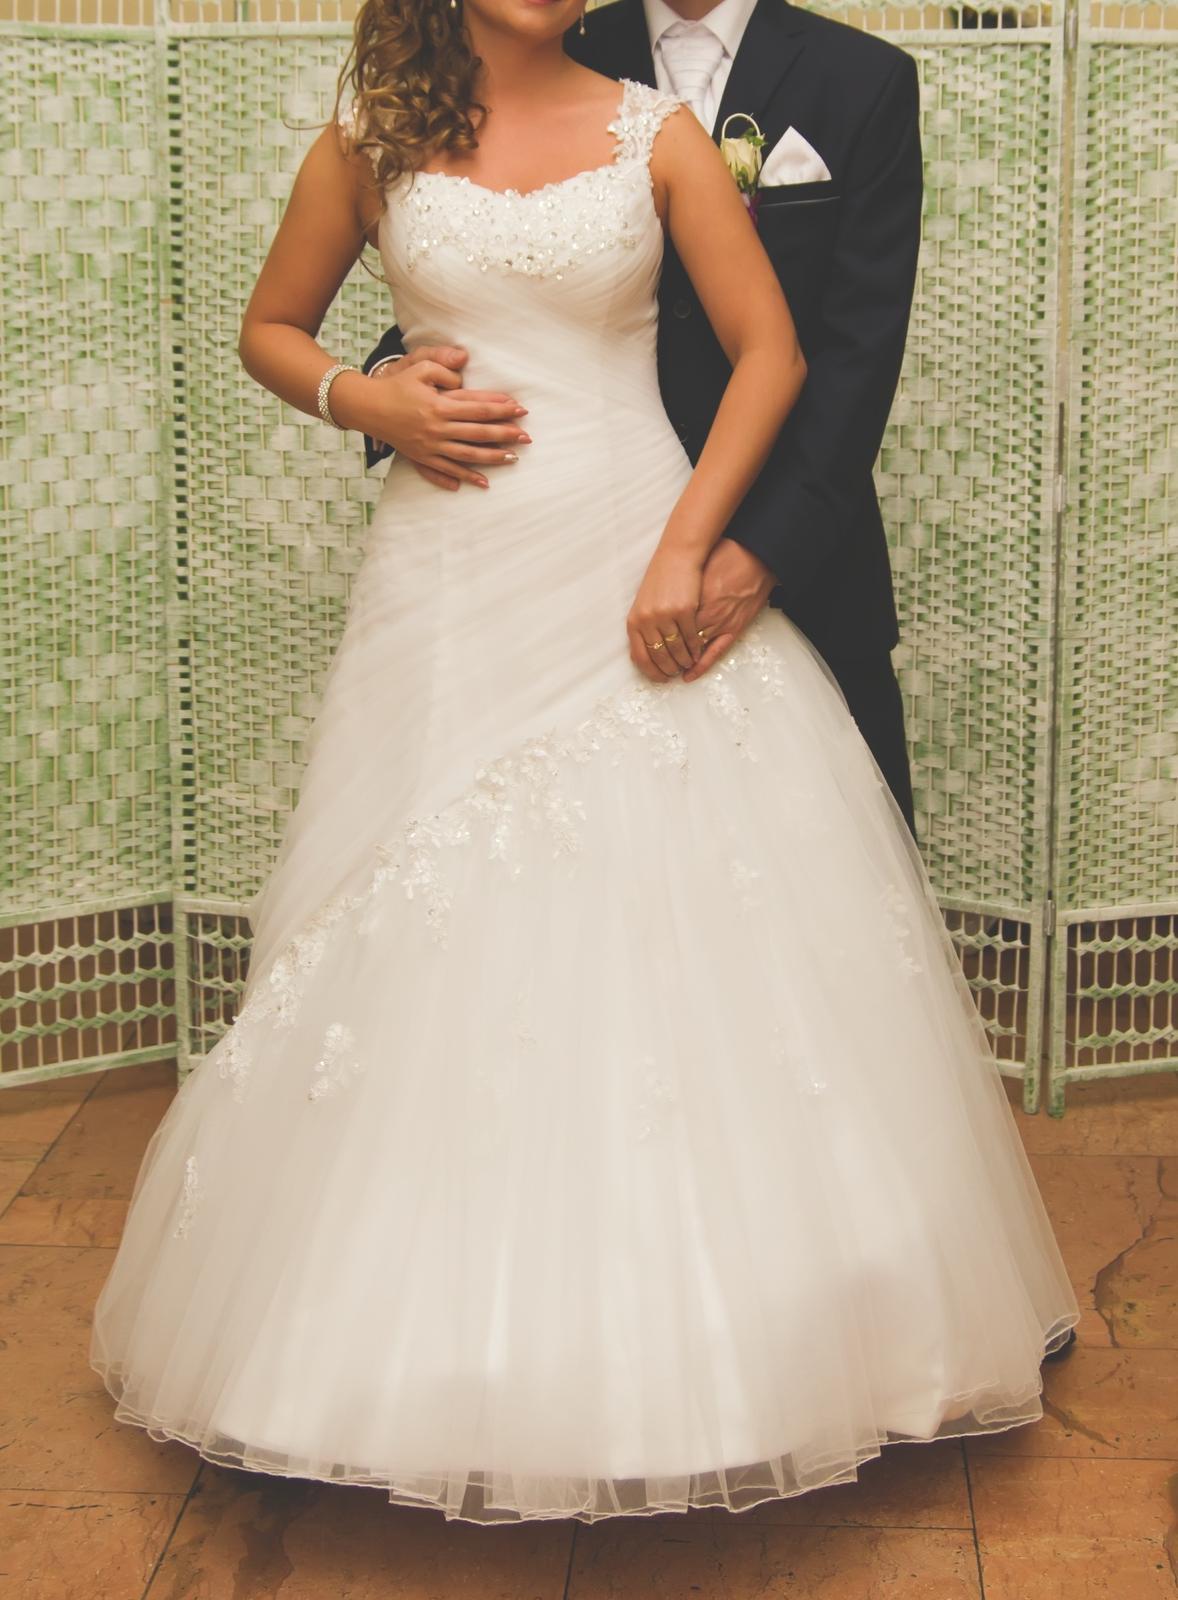 svadobné šaty vel. 36 + spodnička - Obrázok č. 1